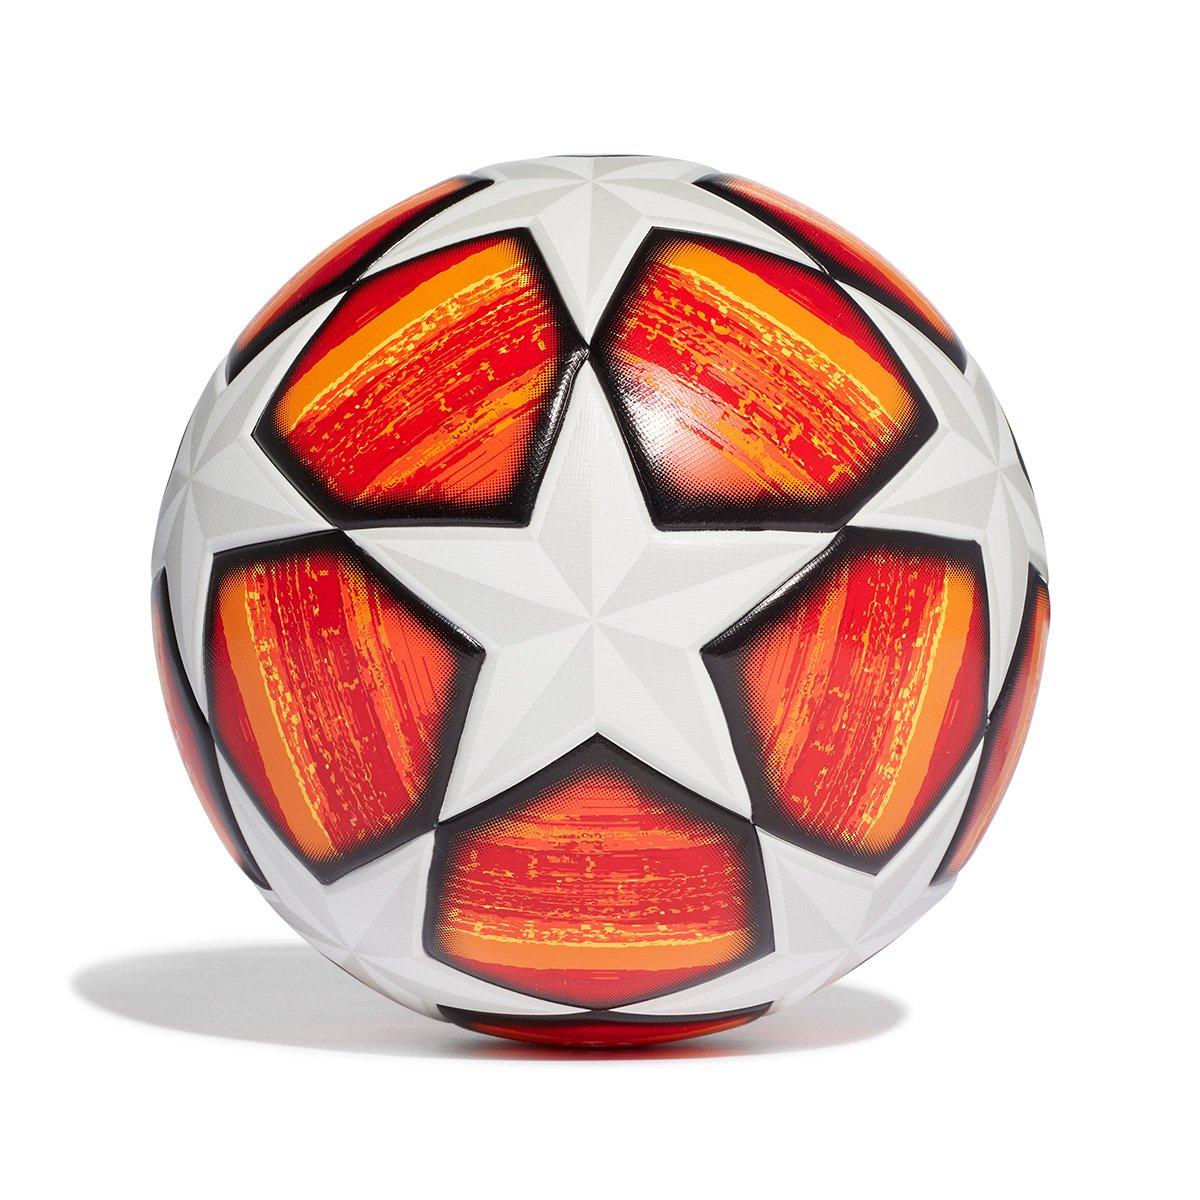 cd1d2edff4f58 Bola de Futebol Campo Adidas Uefa Champions League Finale 19 Replique Top  Train - Branco e Vermelho